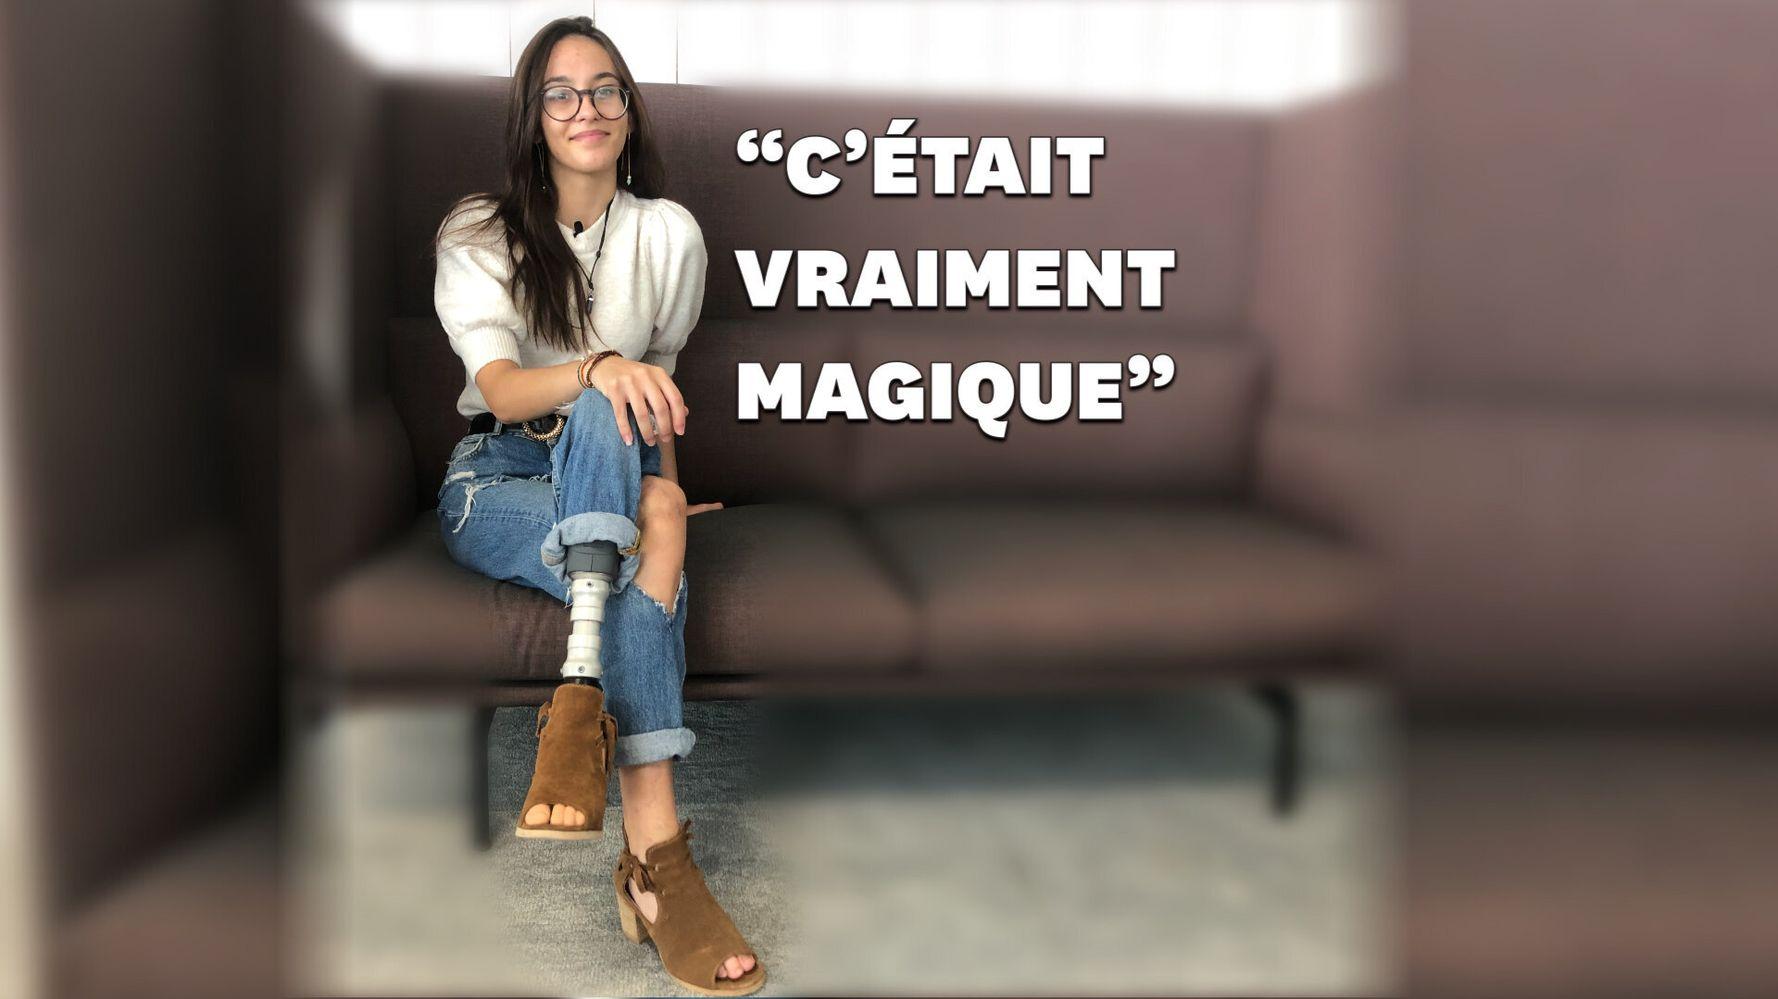 Porter des talons avec sa prothèse, l'exploit du quotidien de cette Française